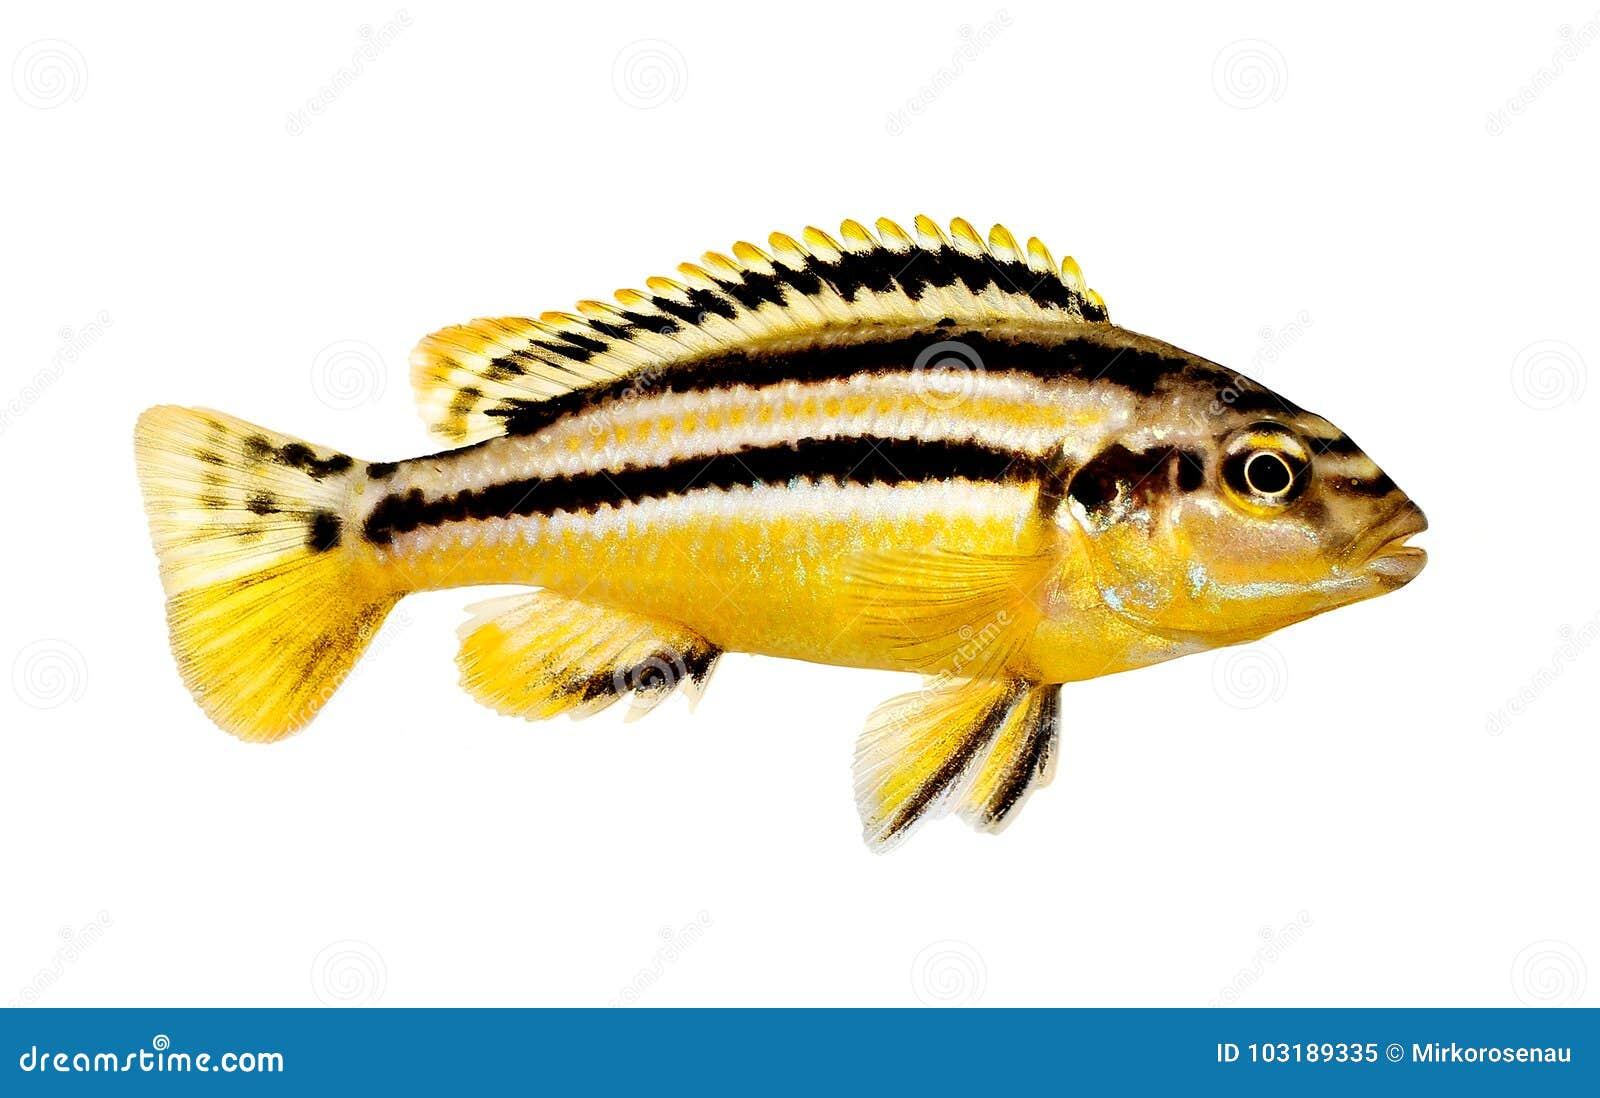 Pesce dorato dell acquario di mbuna di melanochromis auratus delle cichlidae di Auratus isolato